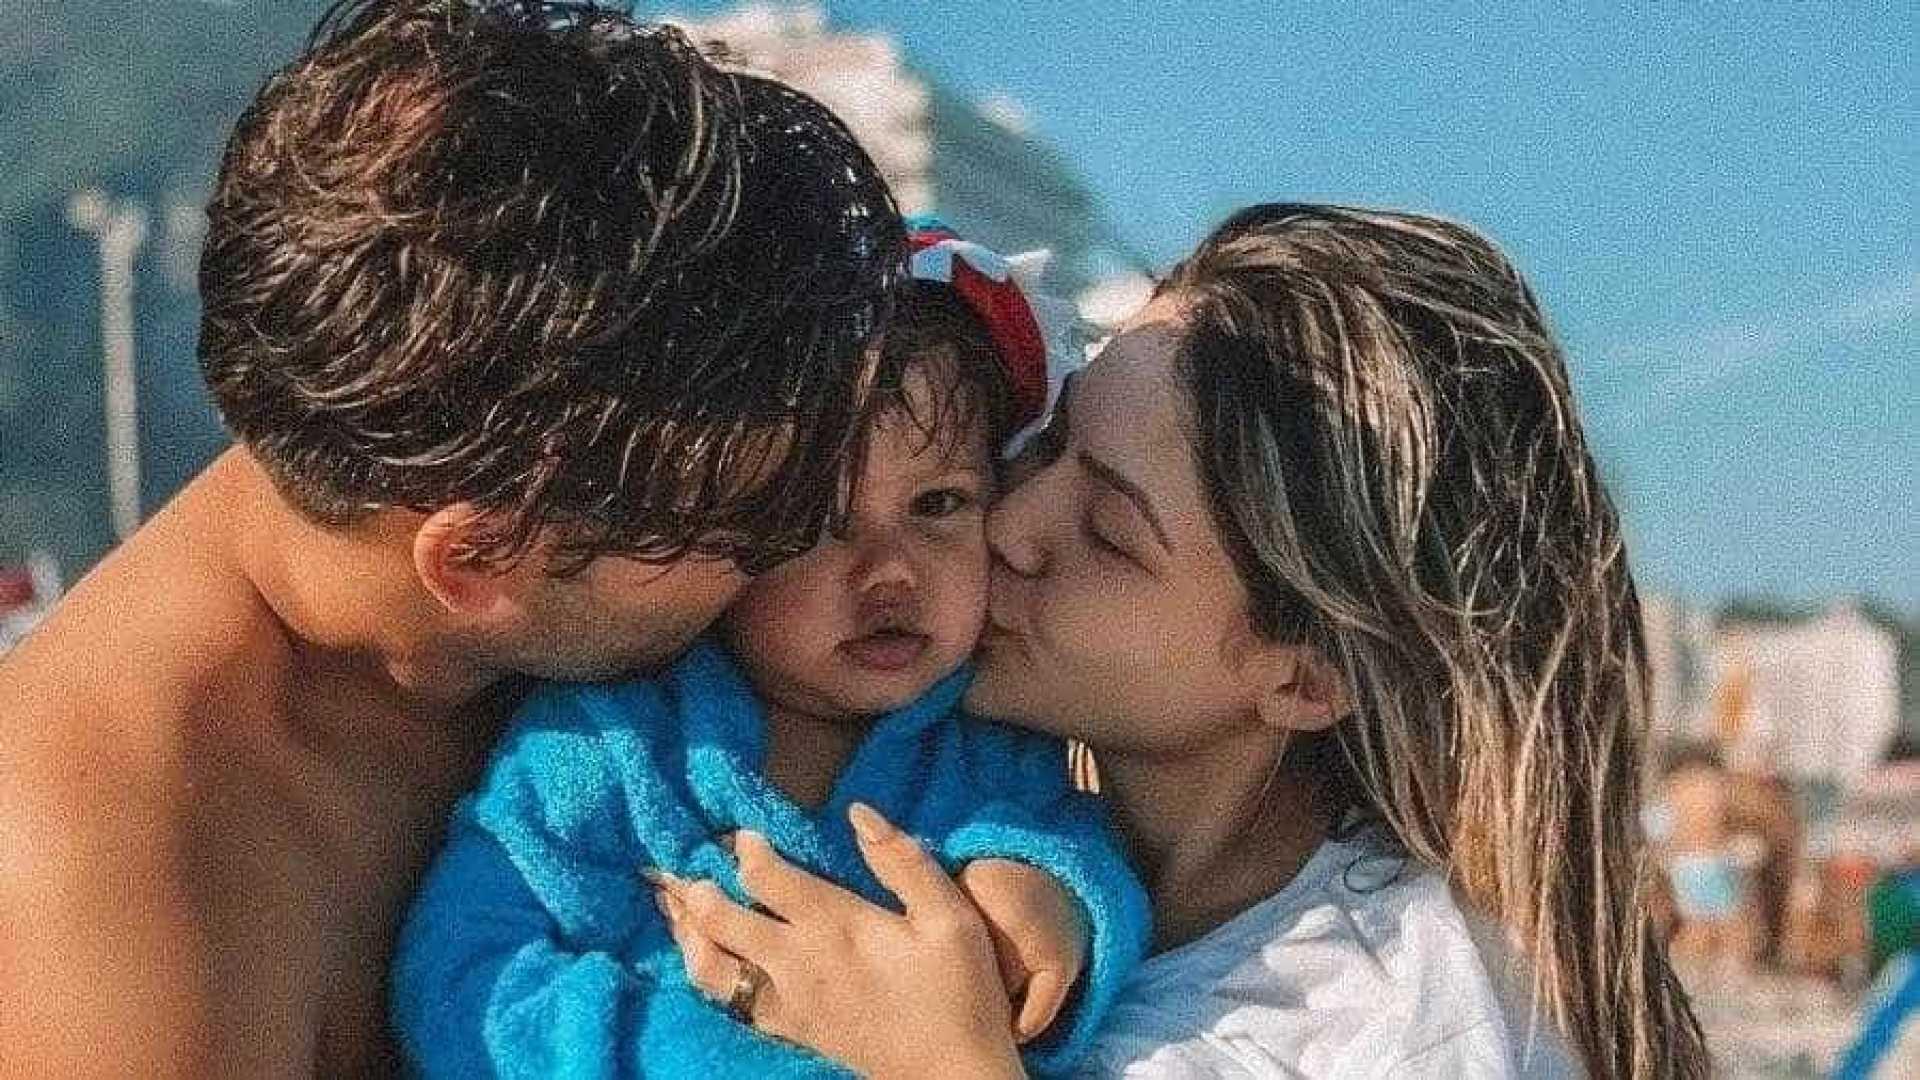 naom 5bae7c4c8e2b4 - Após perdoar traição, Sarah Pôncio posa grávida ao lado do filho e do marido, veja